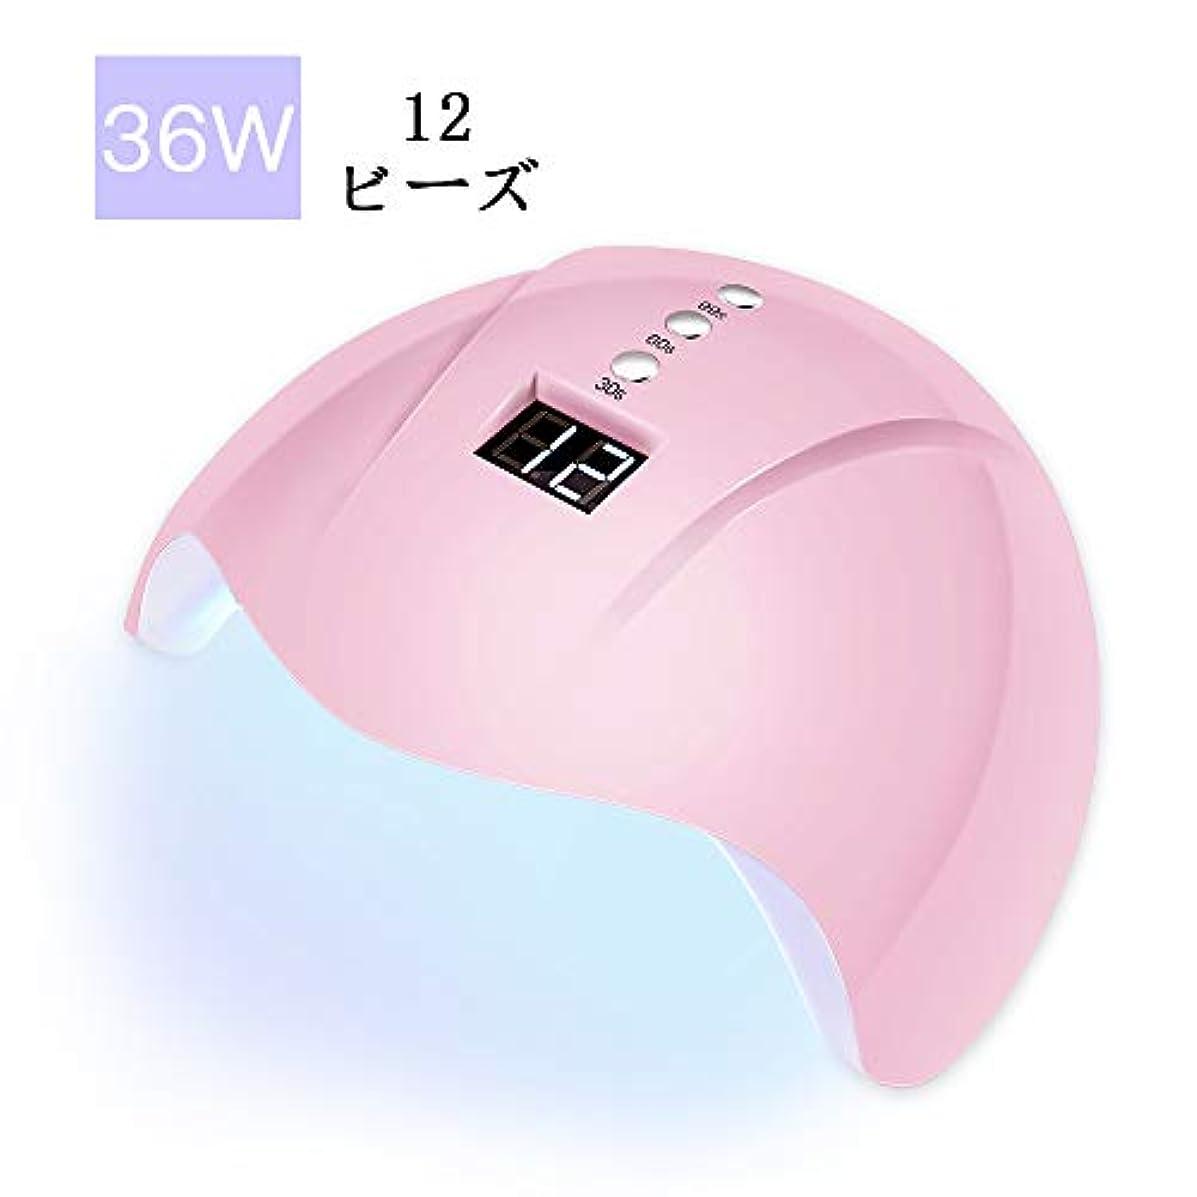 クレデンシャル壊れた虫WEVILI 2019最新版 UV LED ジェルネイル ライト ネイルドライヤー 全ジェル対応 自動センサー 3段階タイマー設定 12LED 高速硬化